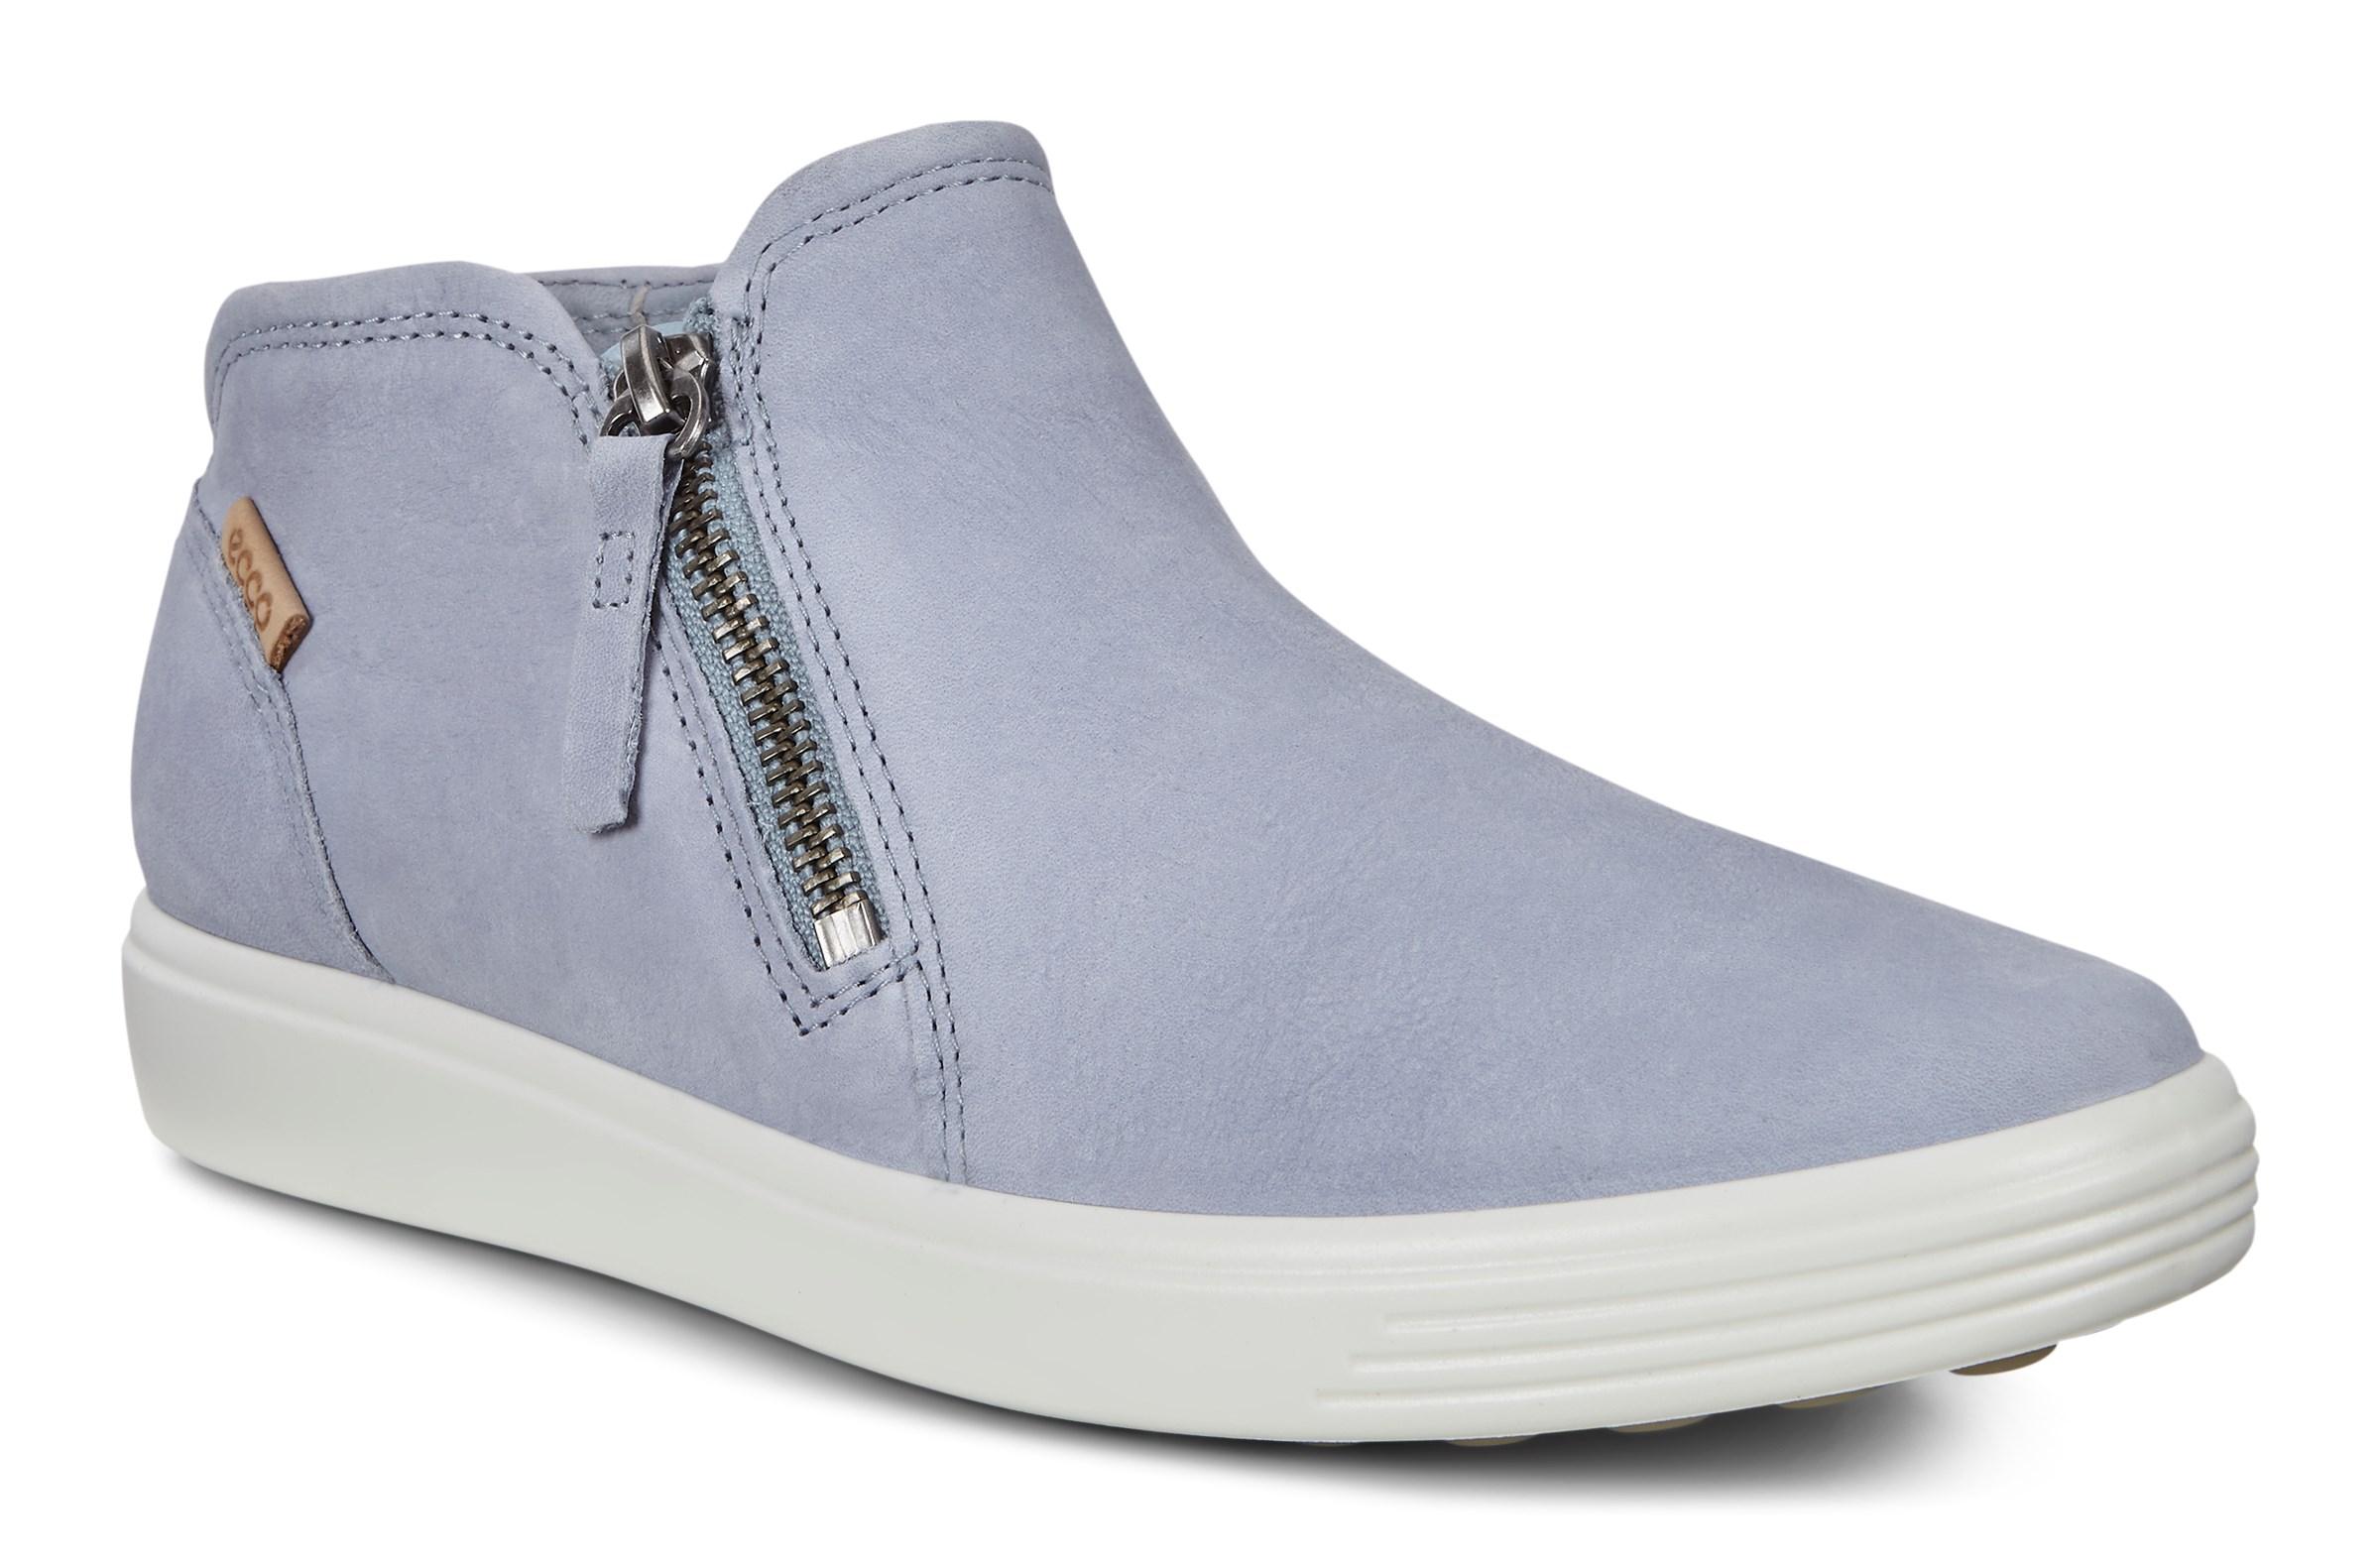 Ecco Schuhe SOFT 7 LADIES weiß Damen Stiefeletten